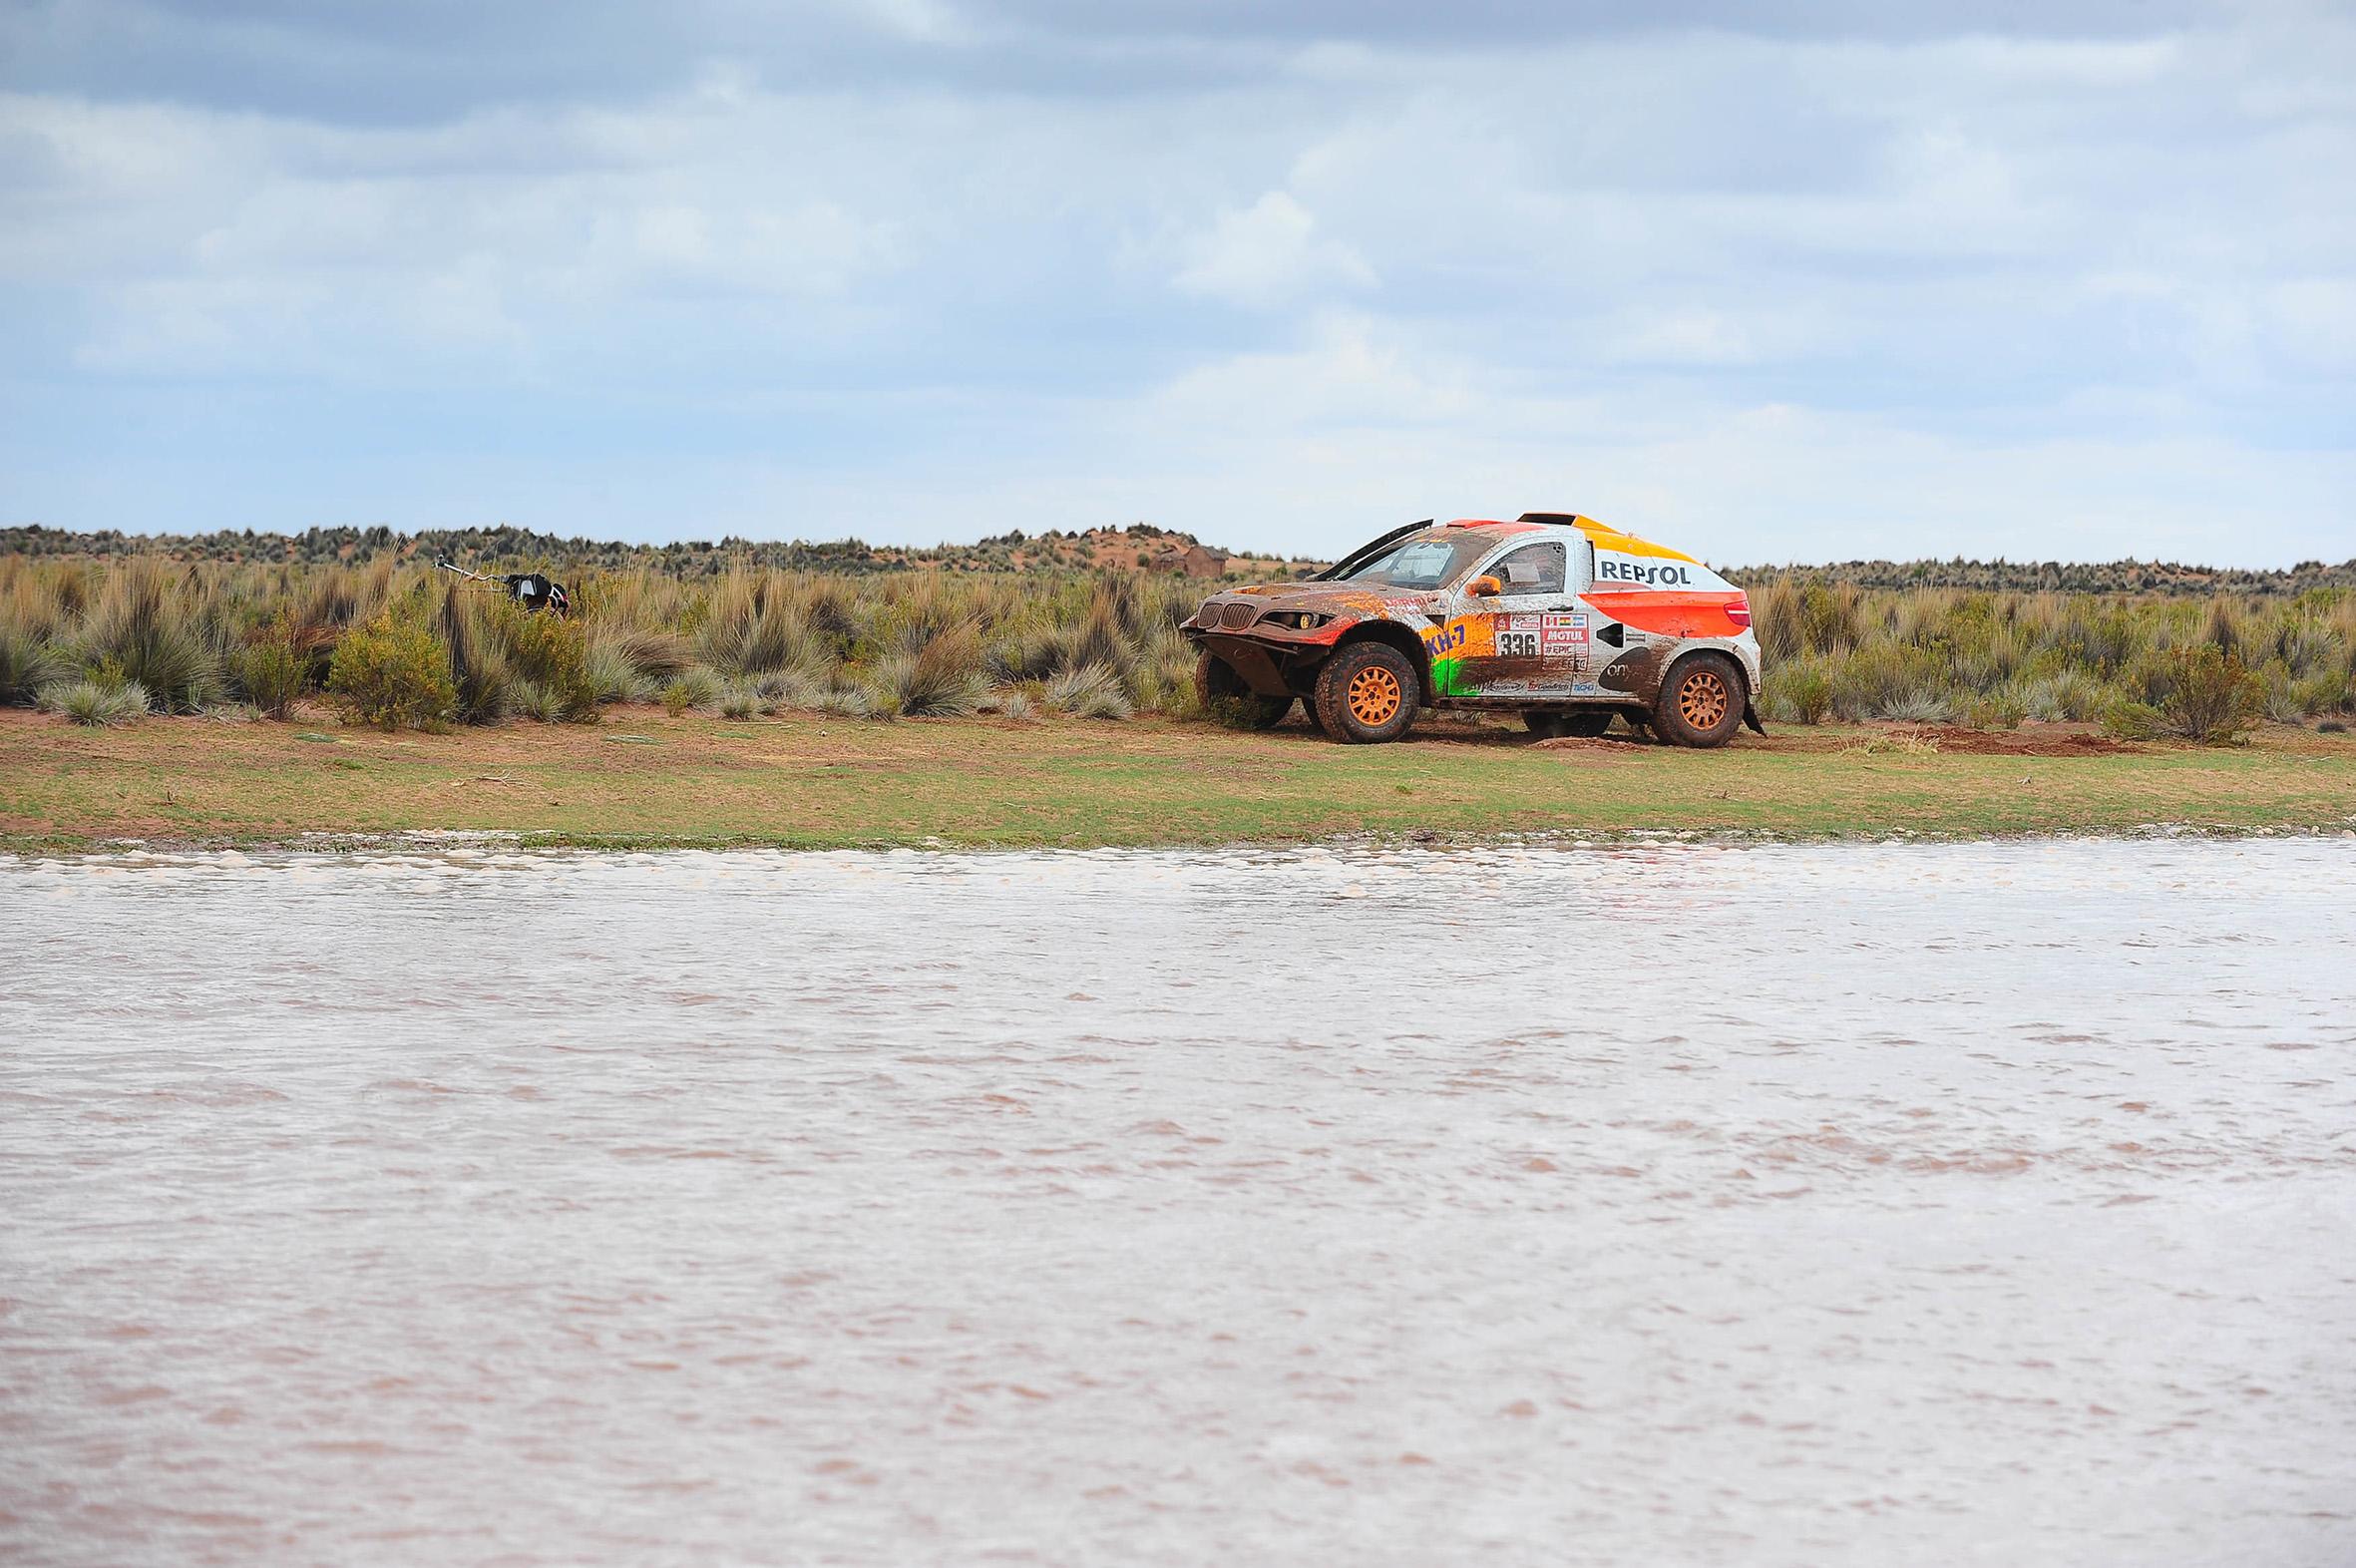 Isidre esteve agua Dakar 2018